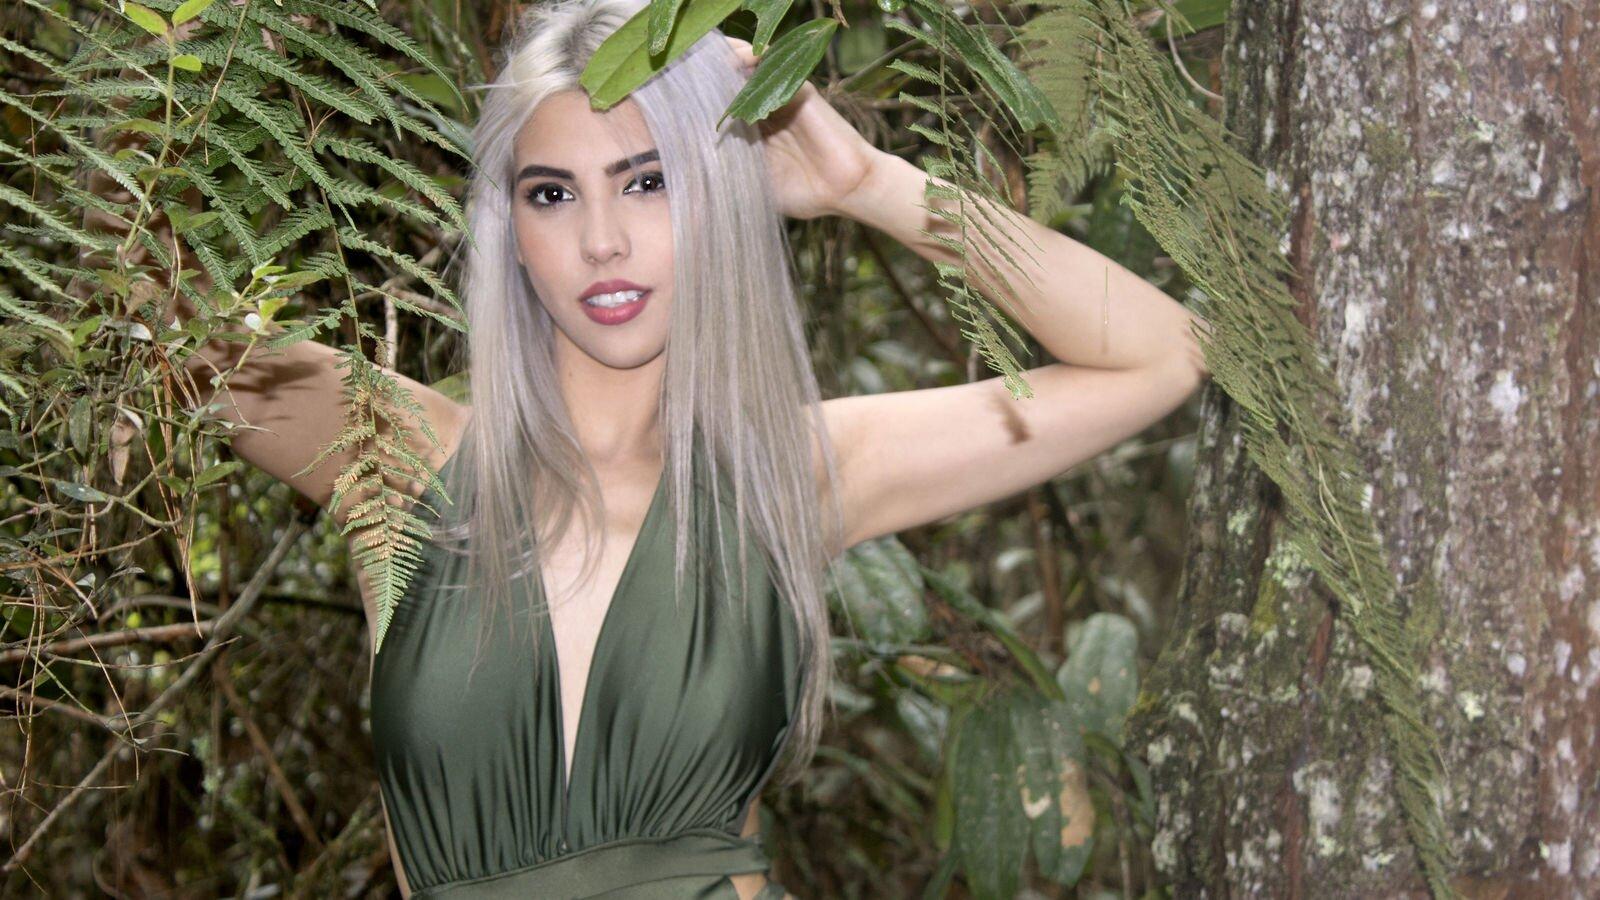 ScarlettMontiel